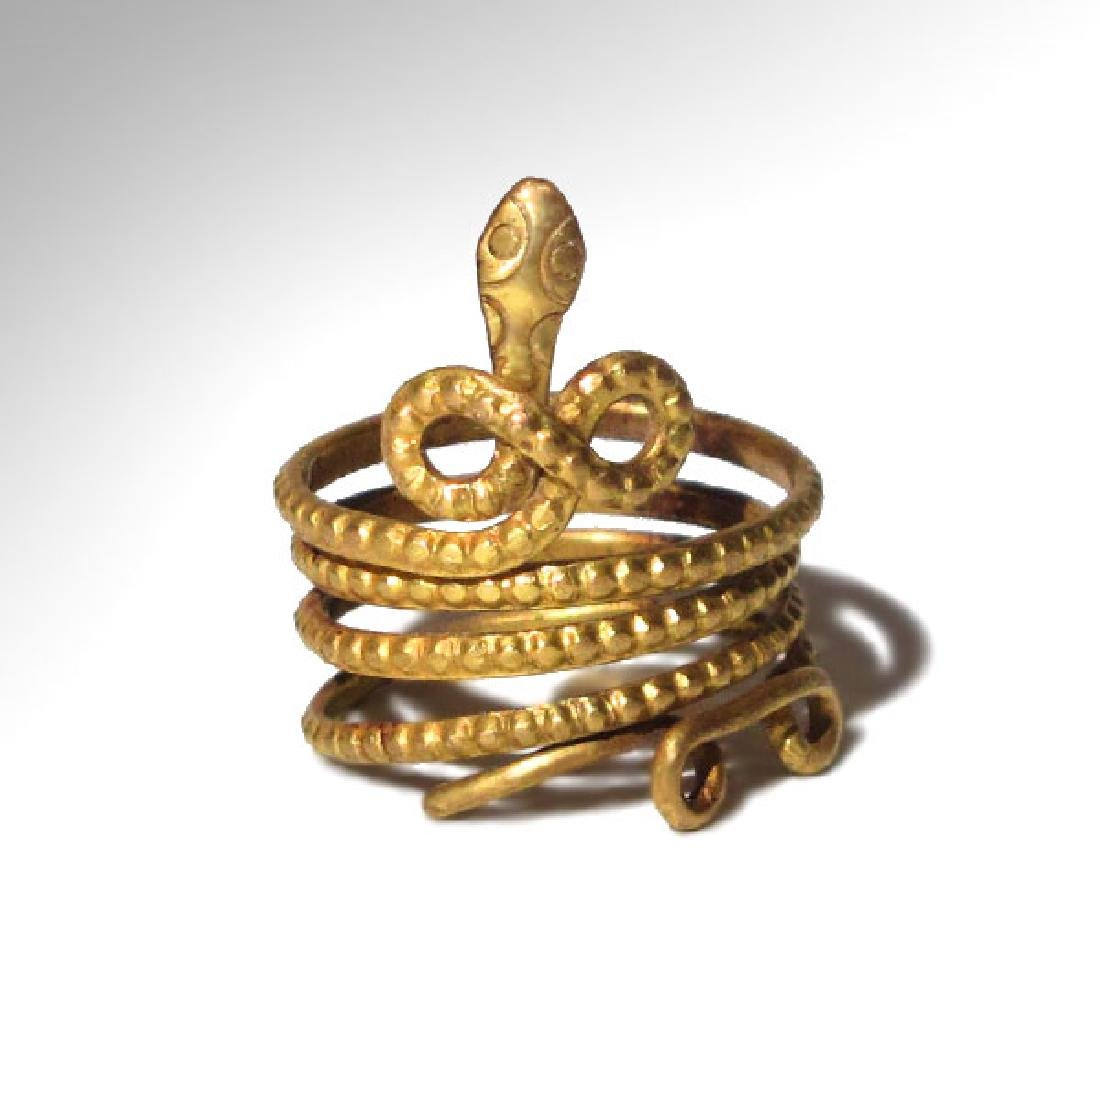 Roman Gold Snake Finger Ring, c. 1st-2nd Century A.D.